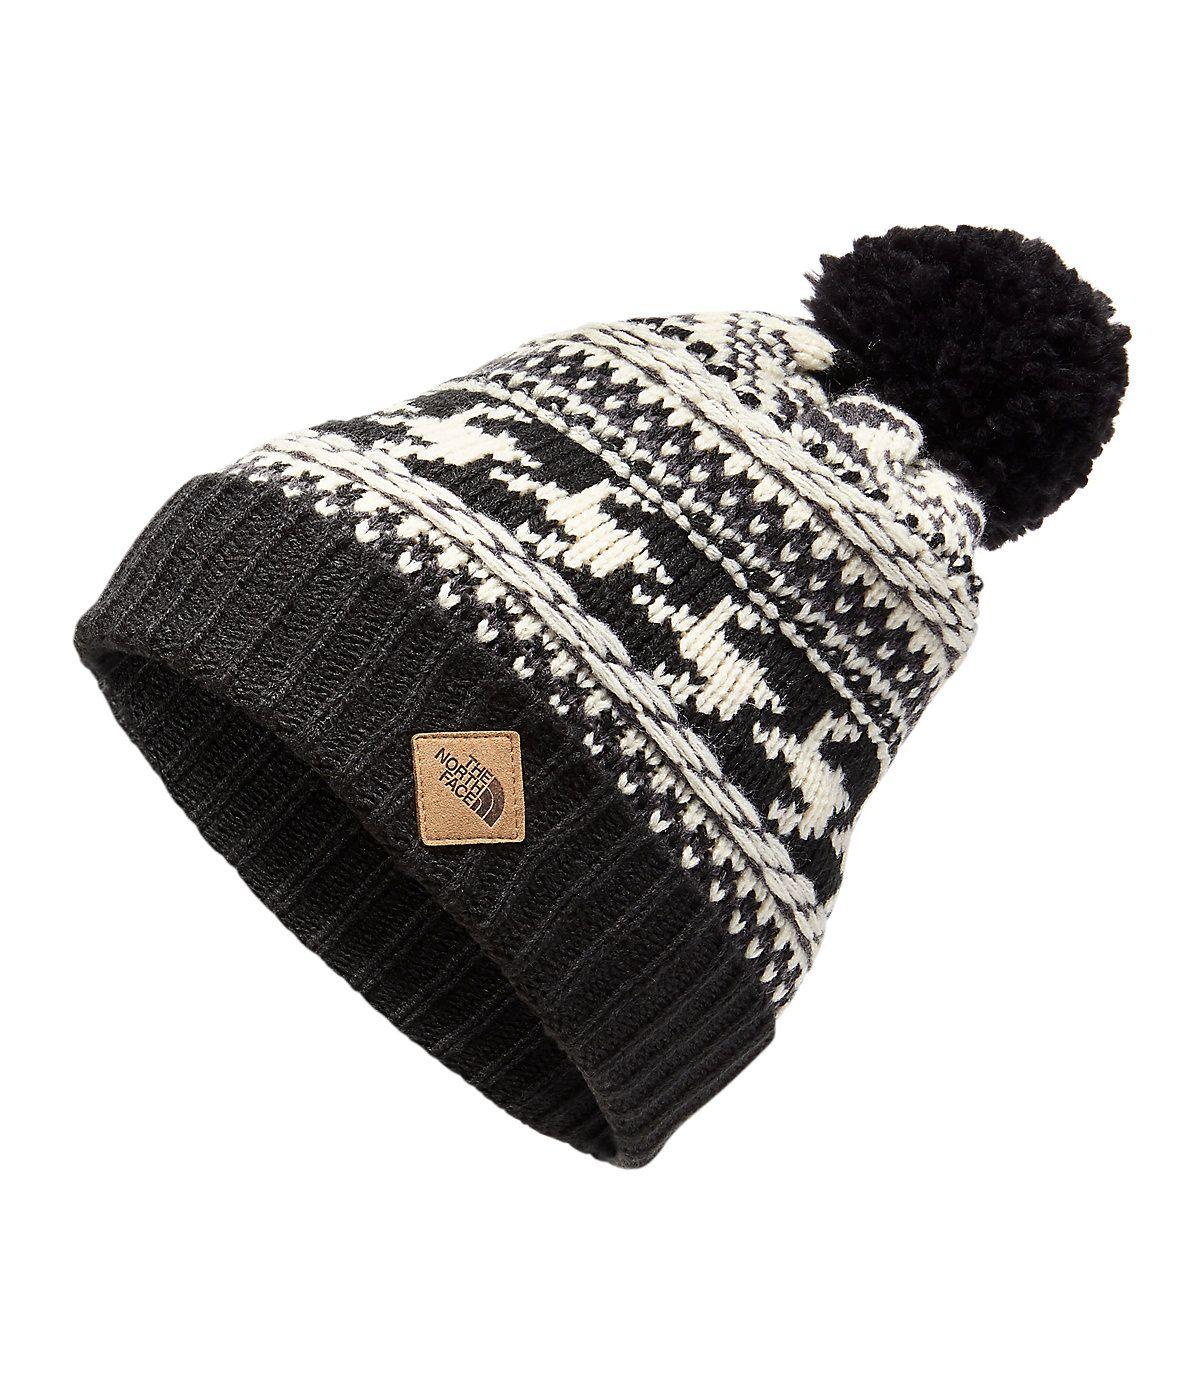 The North Face Fair Isle Beanie Hat 30e403f6929f